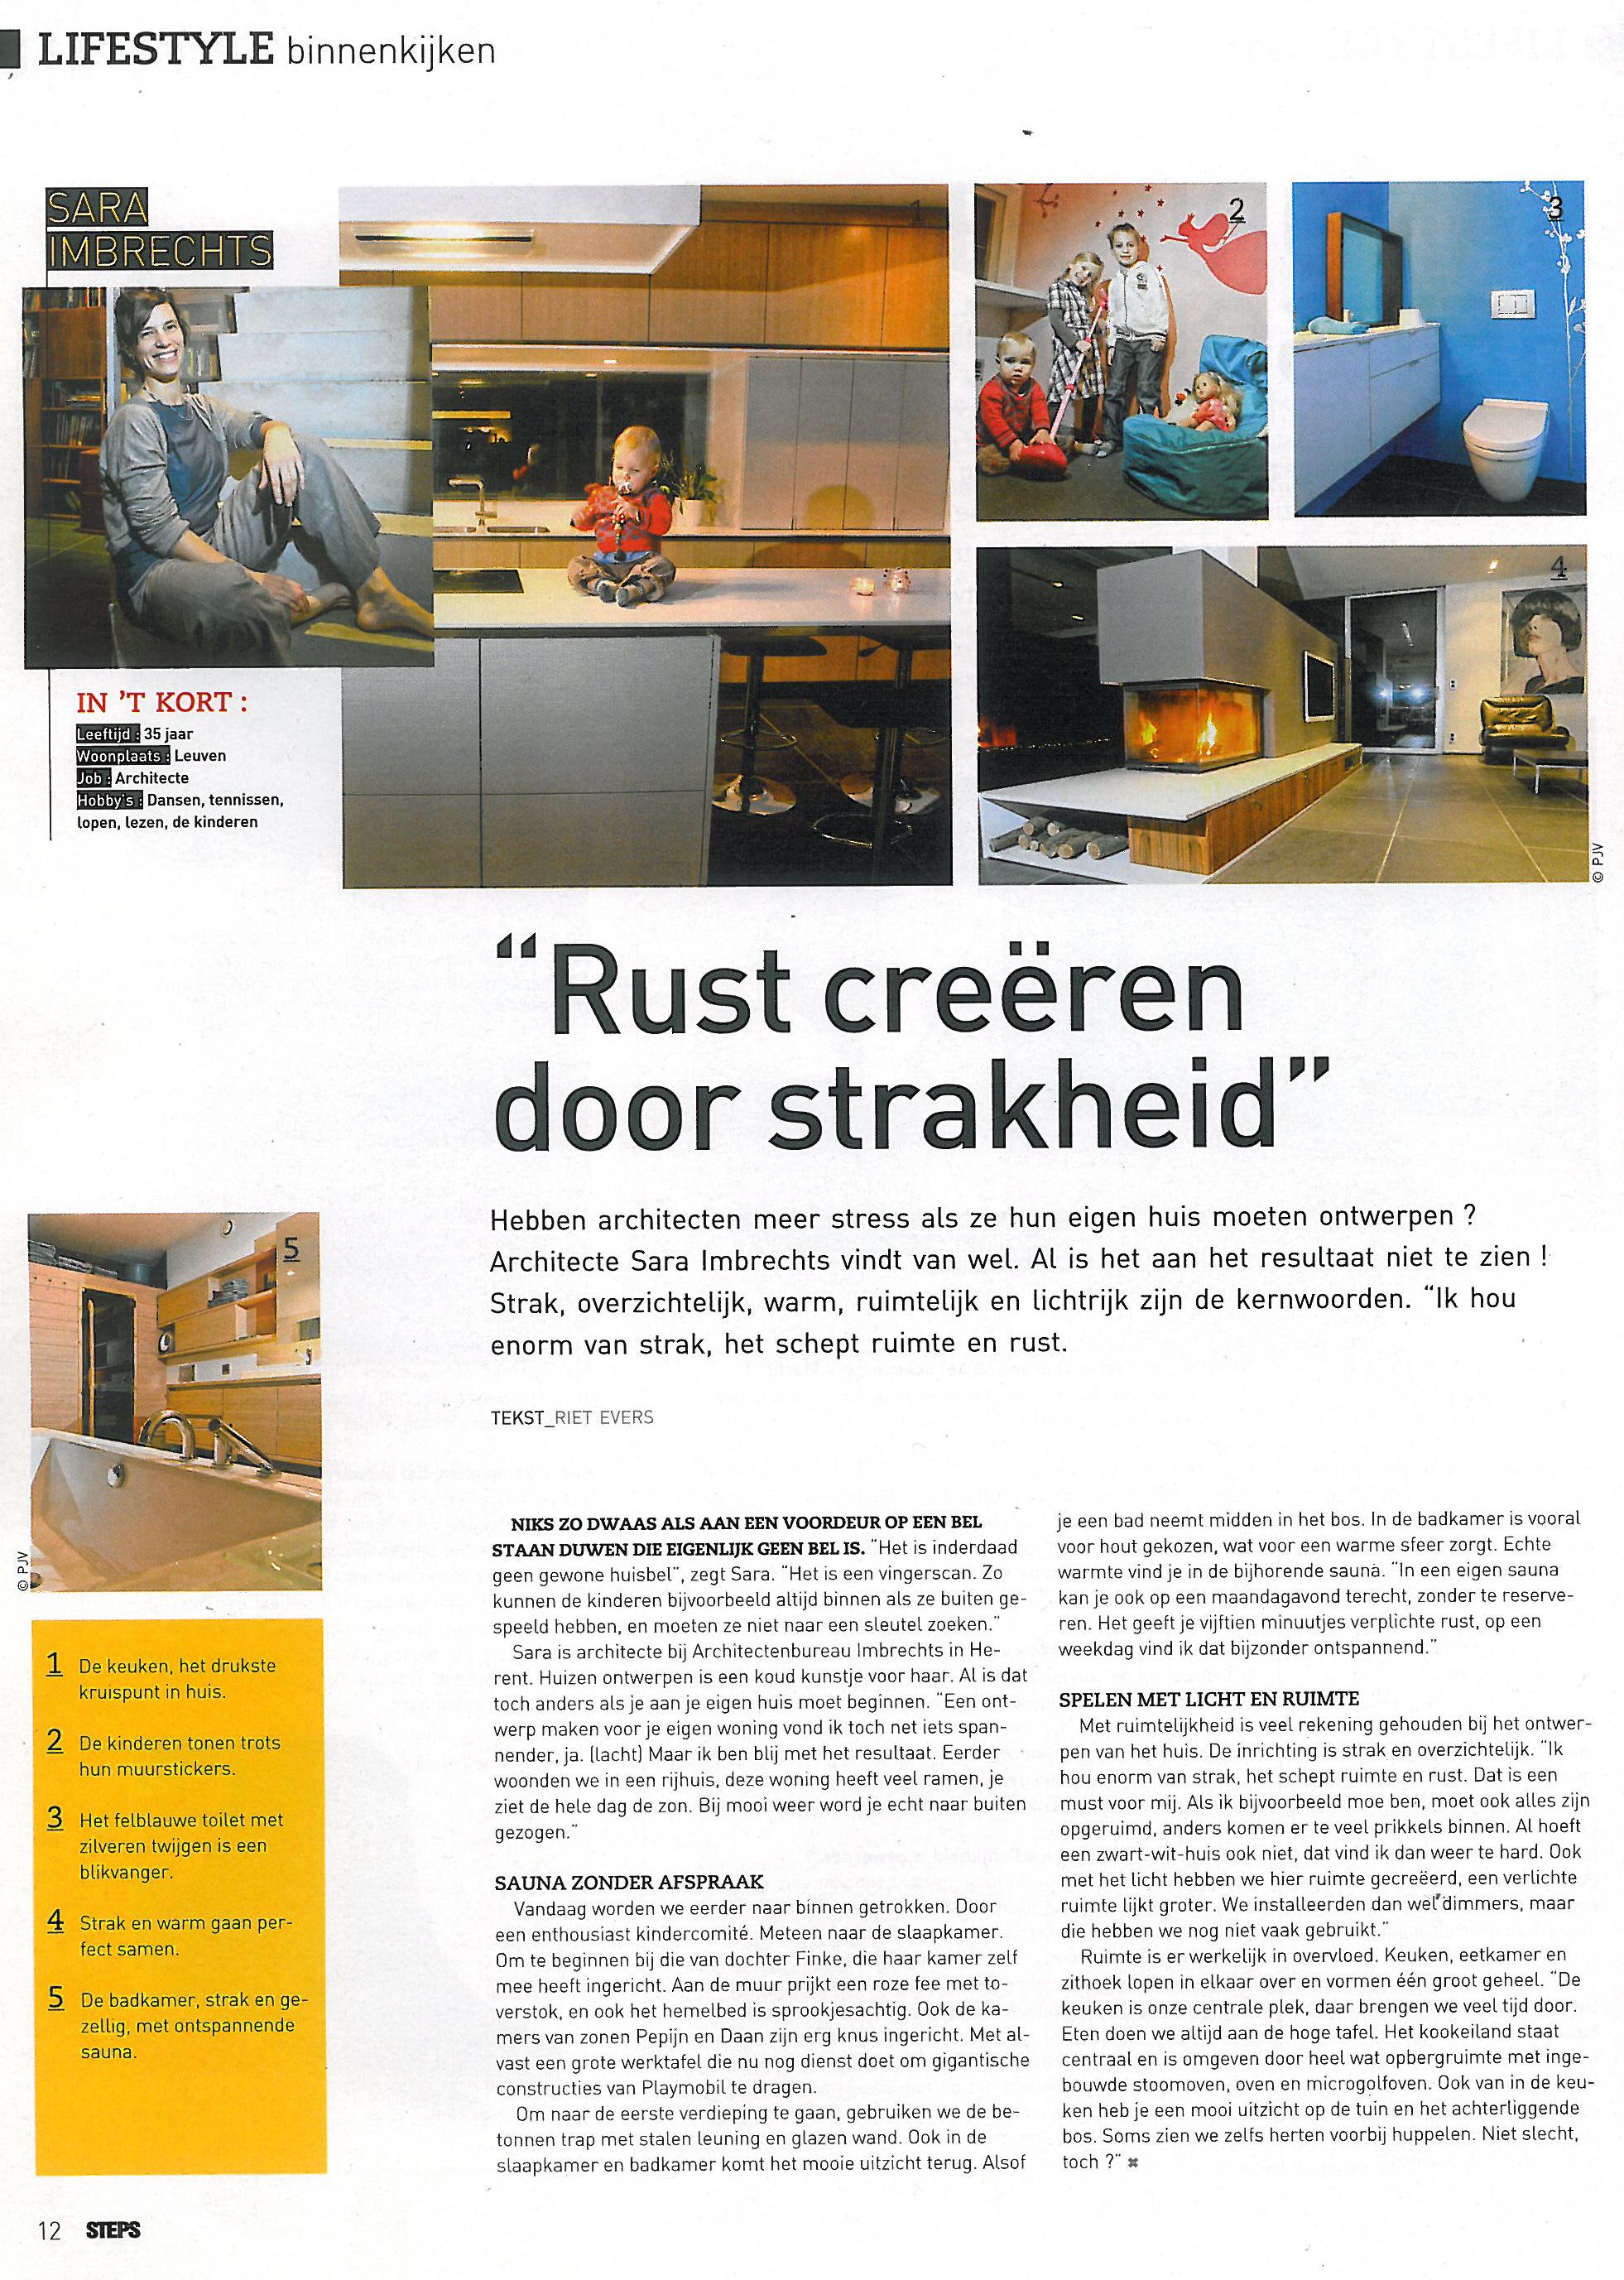 Steps Magazine - Rust creëren door strakheid - 15 Februarie 2012